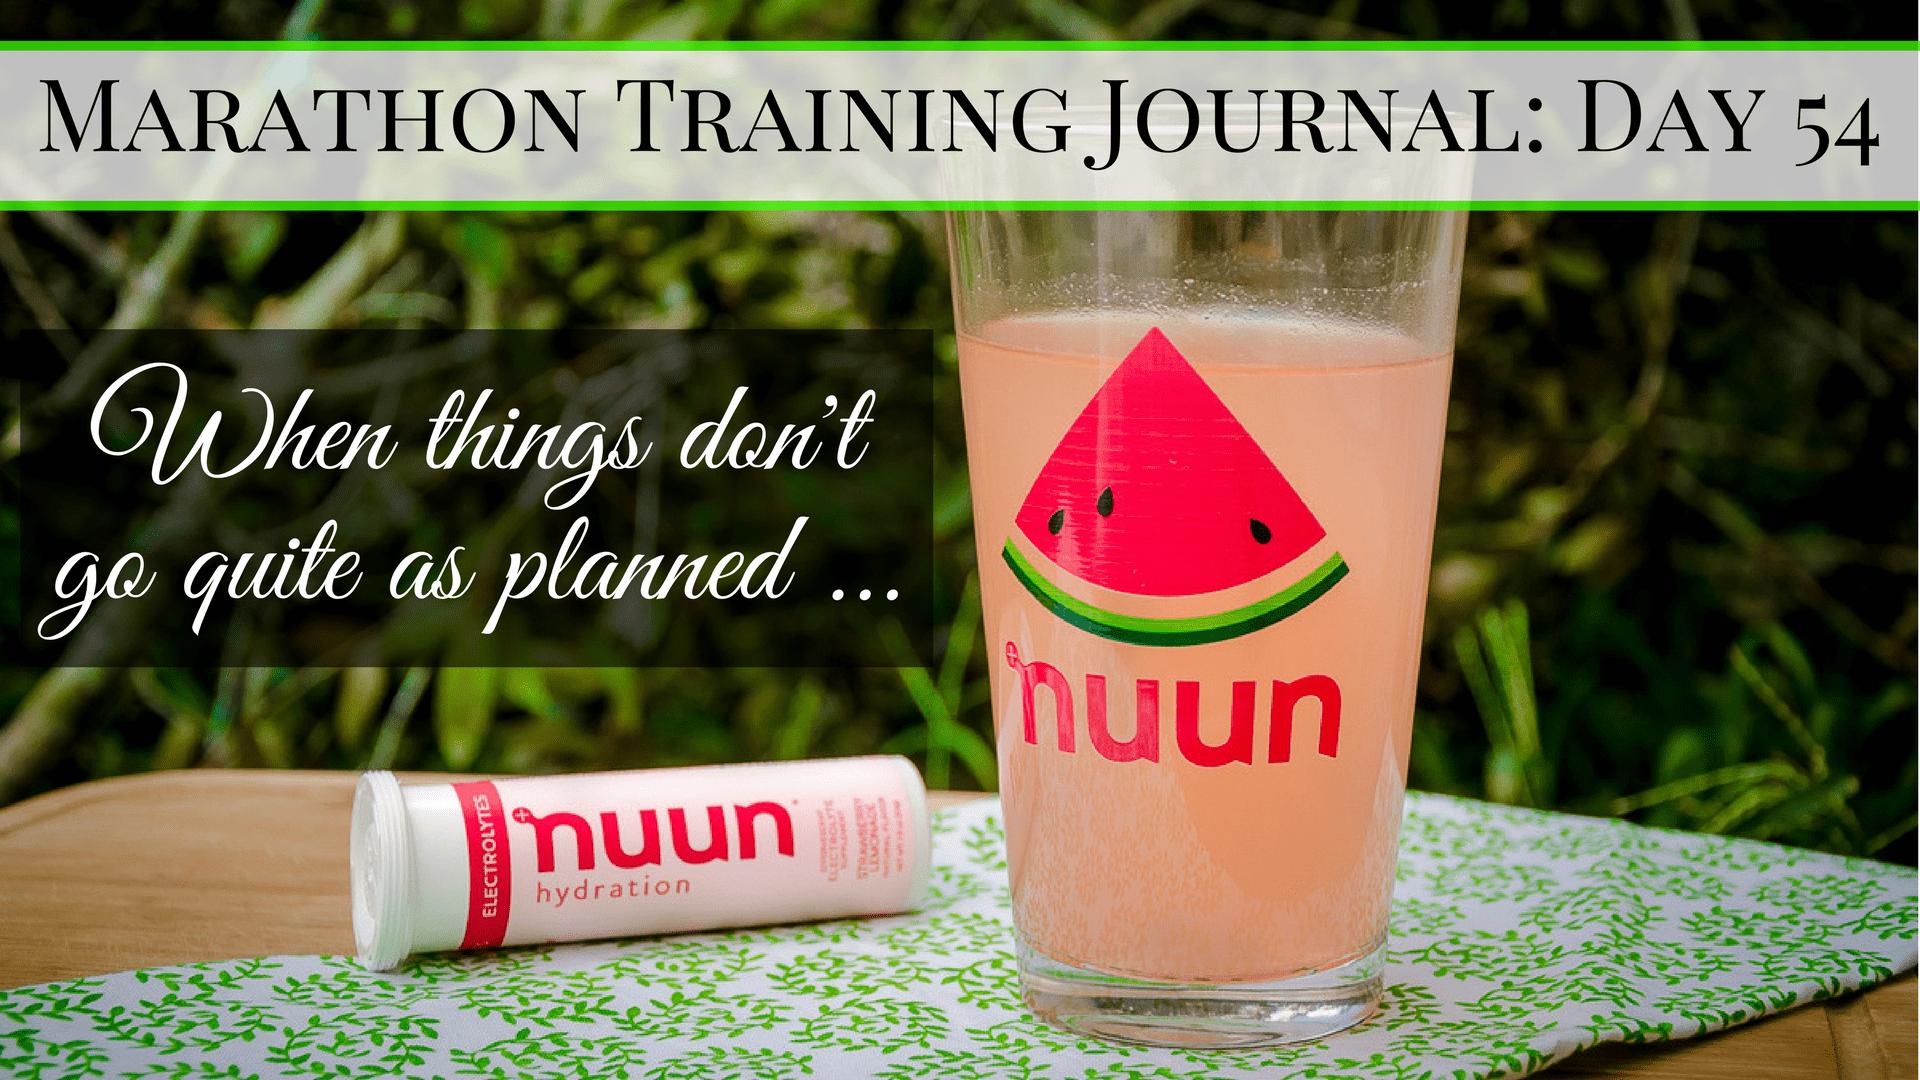 Marathon Training Journal Day 54